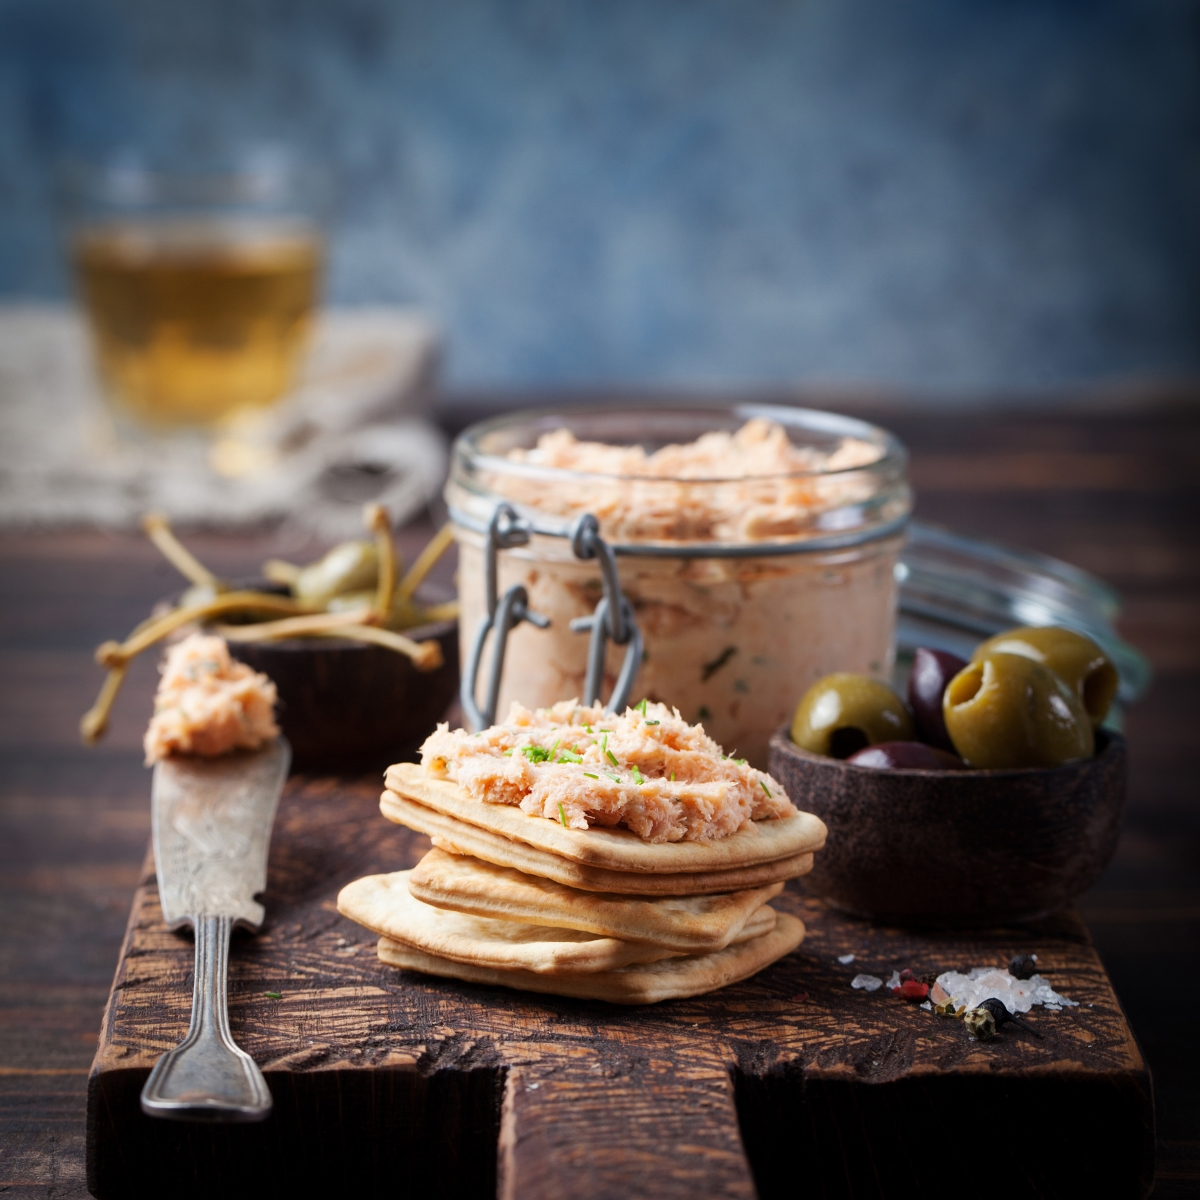 """Готвачи от салатените барове в магазини за сандвичи признават, че често рибата тон не е била приготвяба правилно. За да """"заглушат"""" недобрия вкус, добавяли много майонза."""